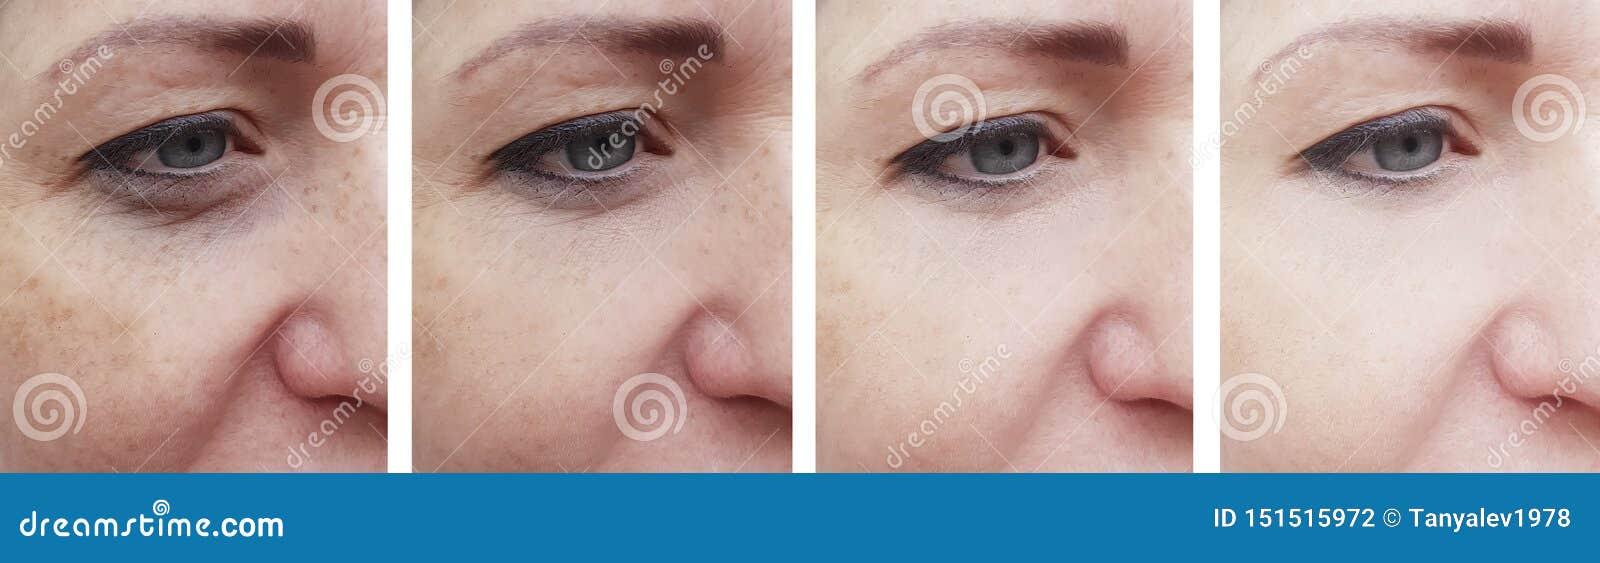 Kobiety twarz marszczy korekcja pacjenta przed i po kosmetologii traktowania odmładzaniem